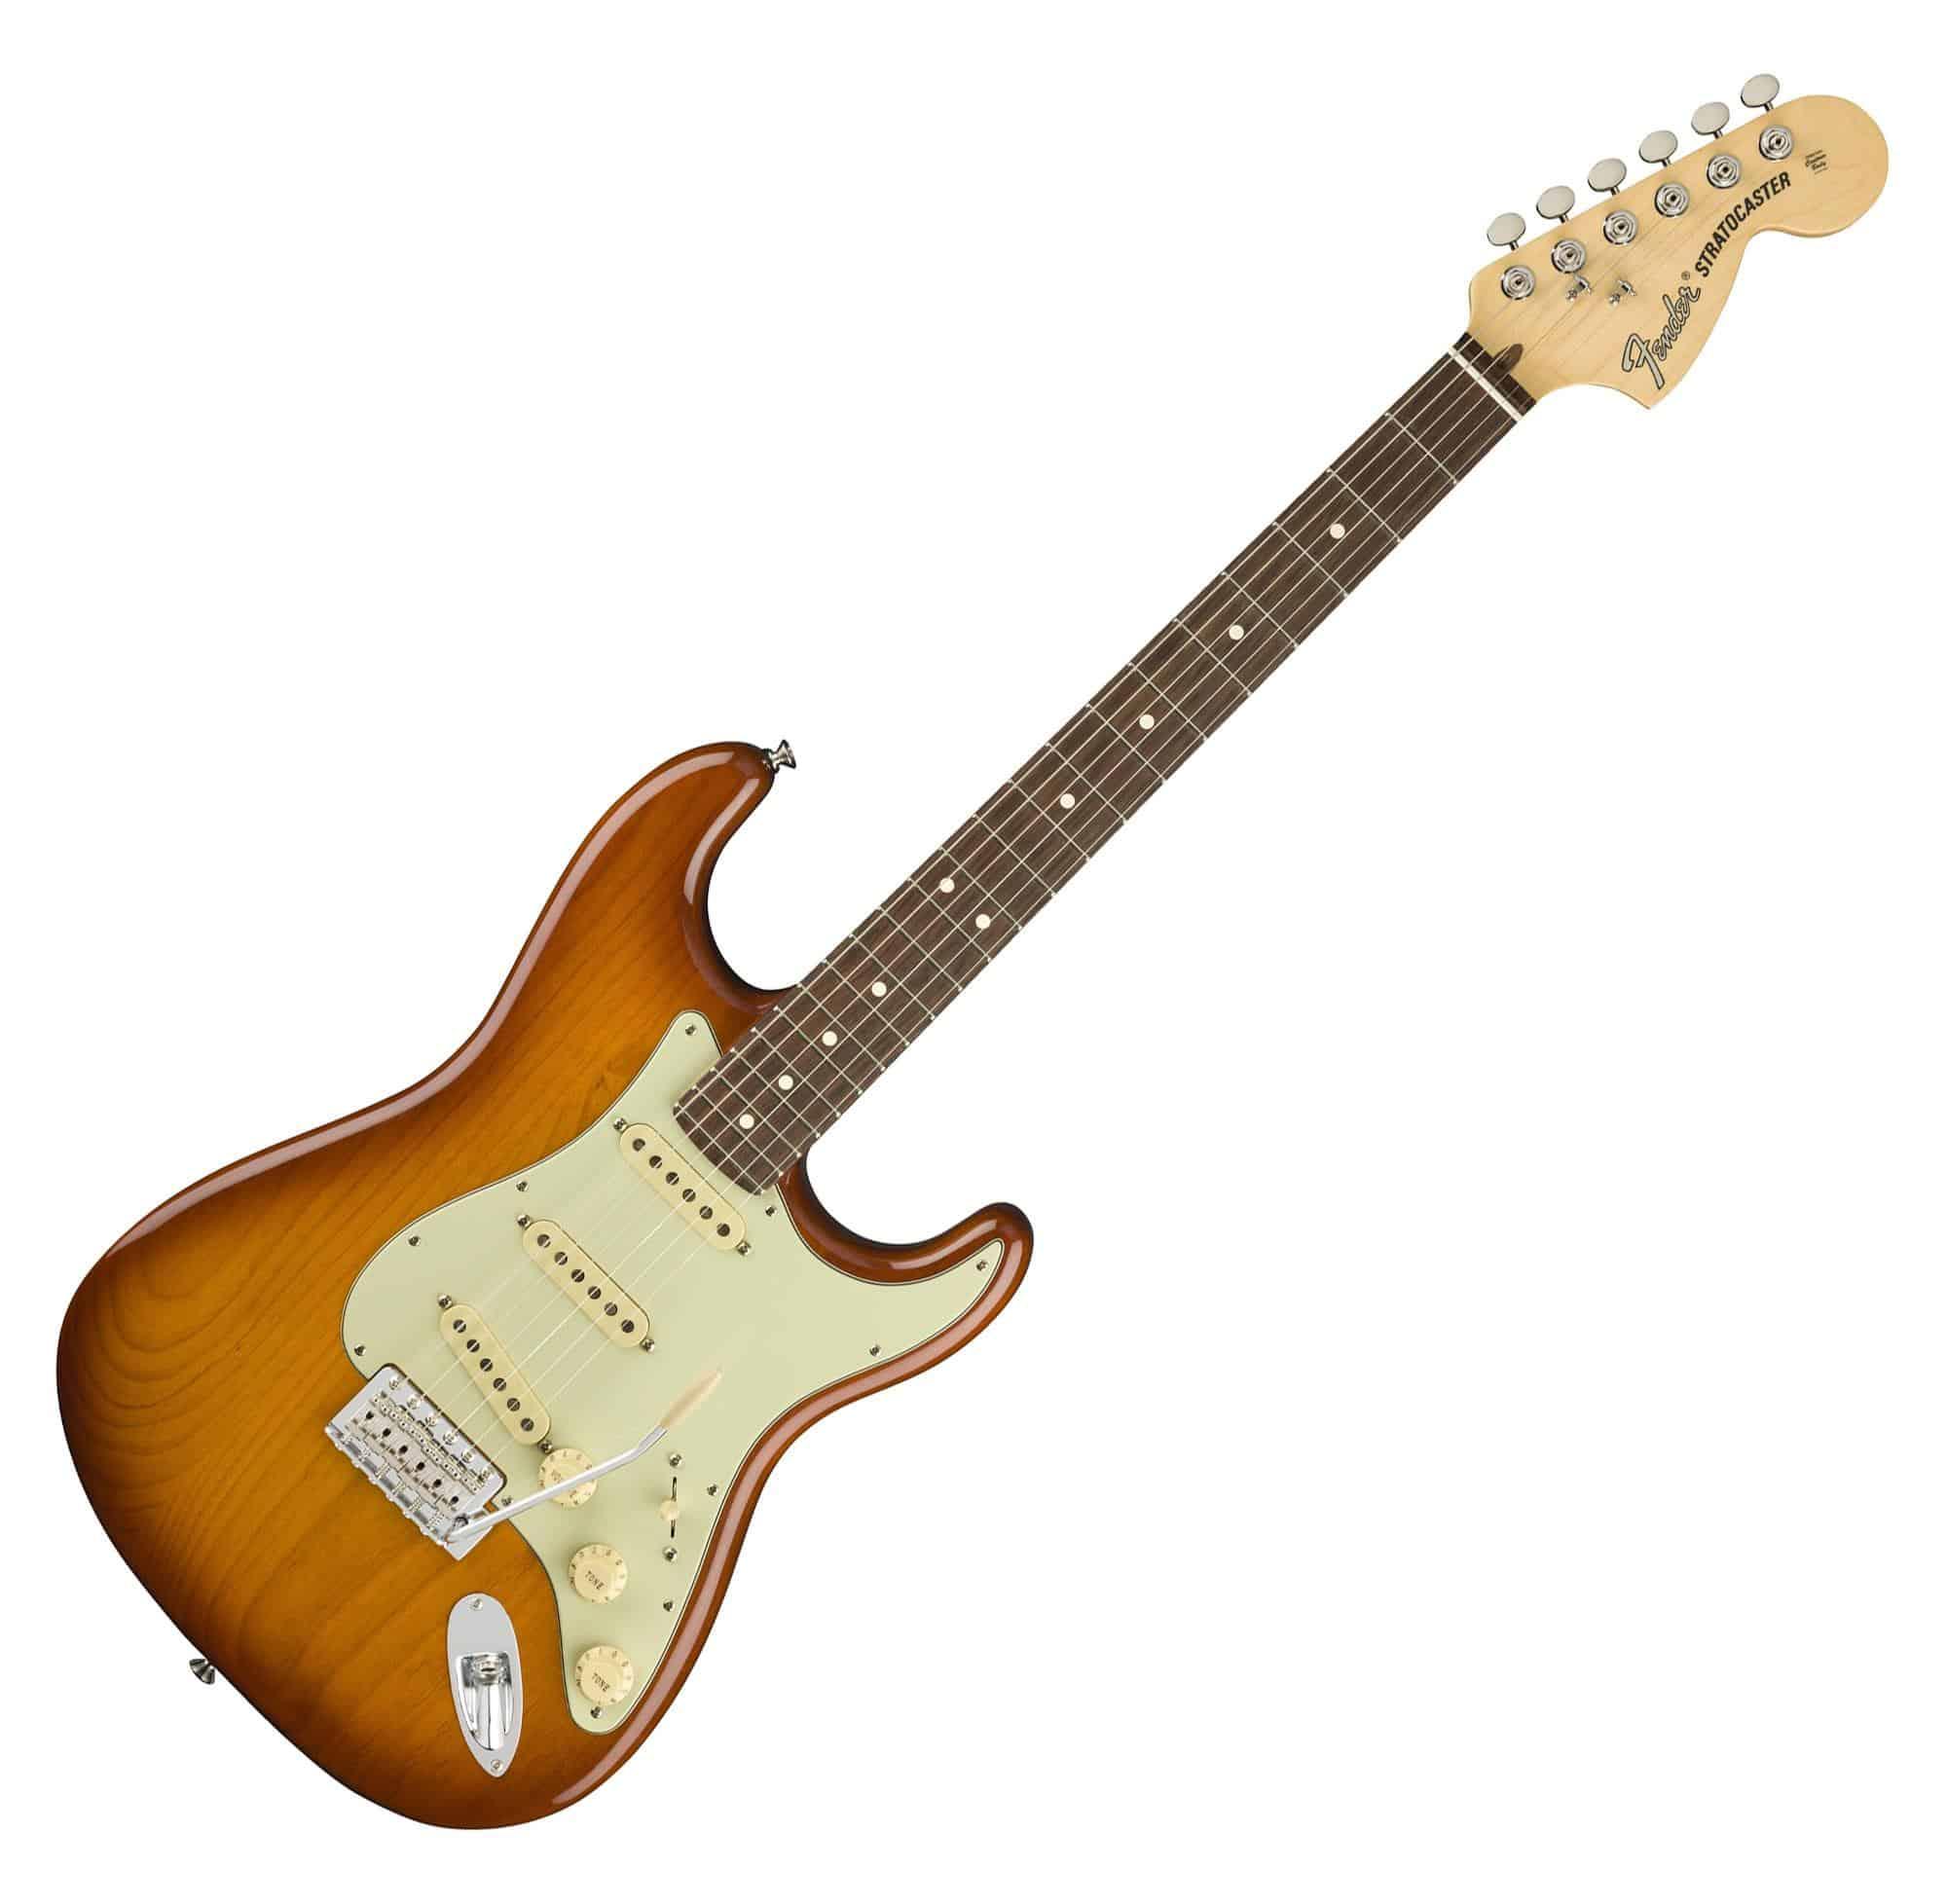 Egitarren - Fender American Performer Strat RW HBST - Onlineshop Musikhaus Kirstein